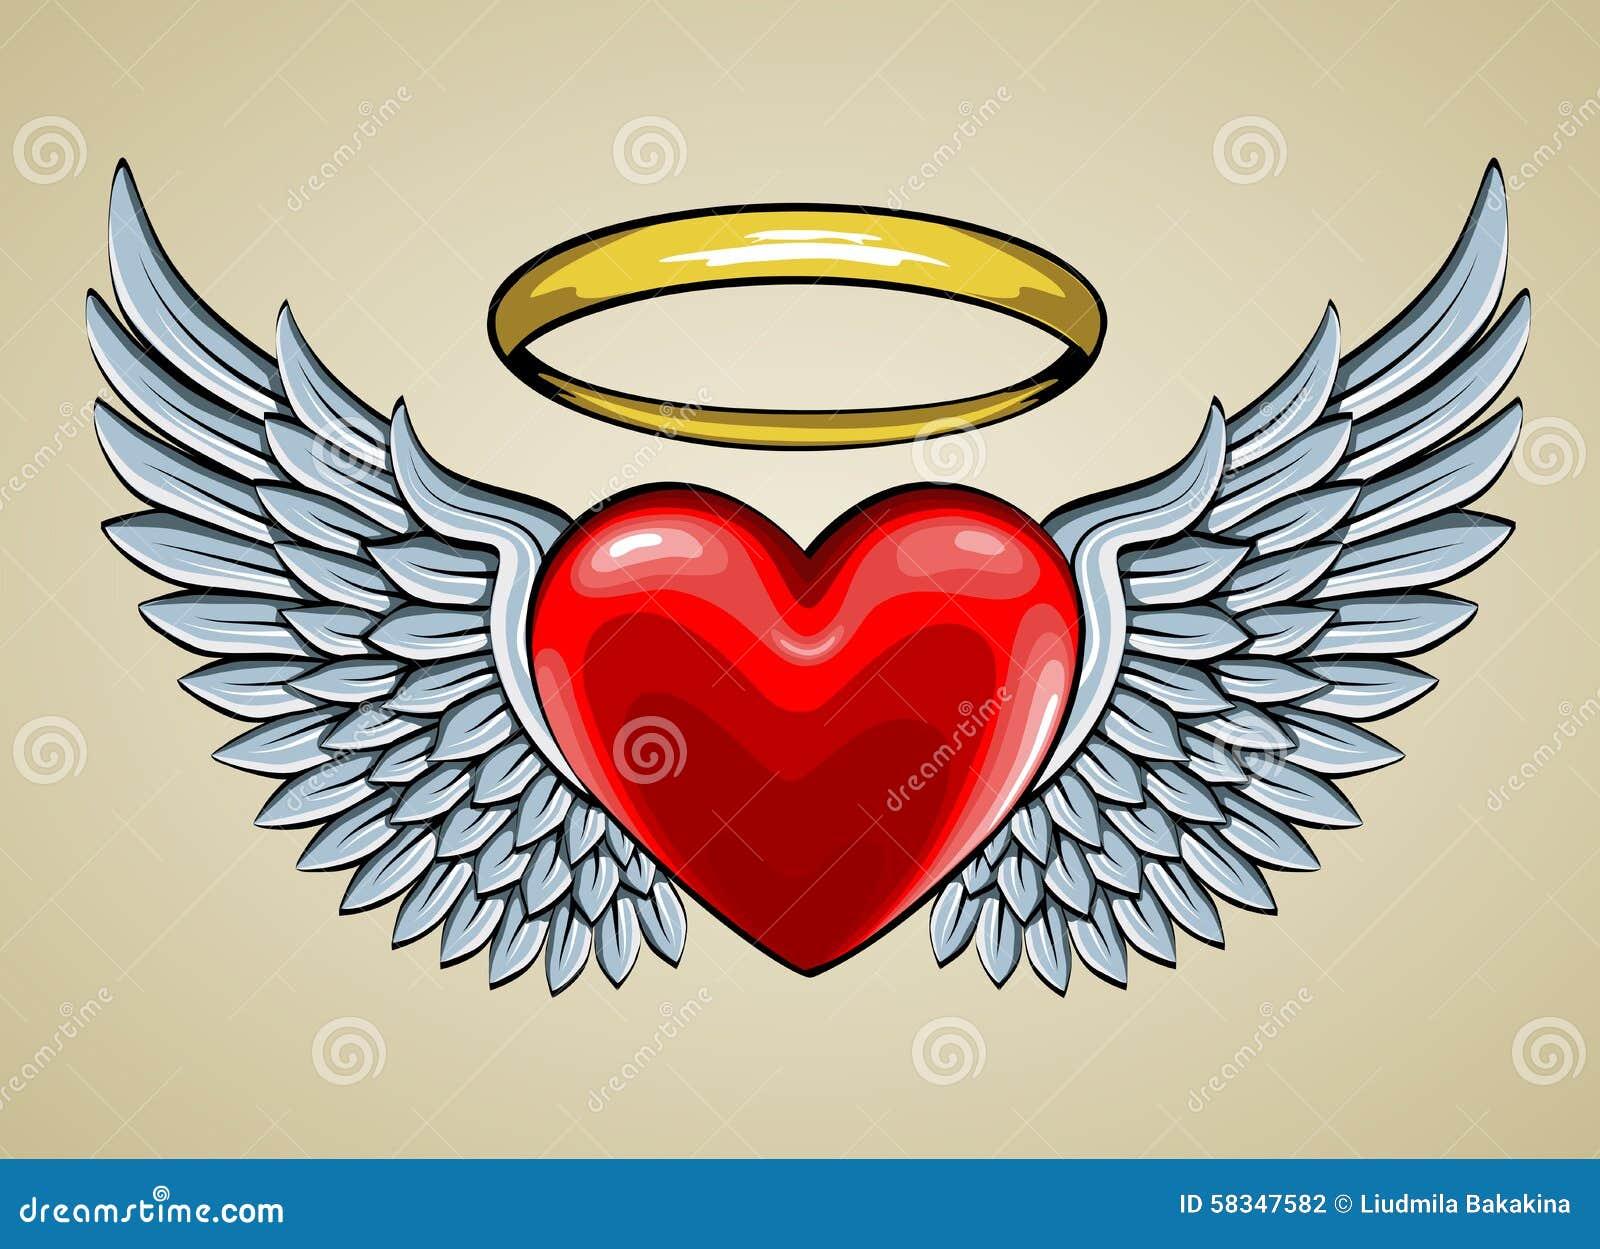 Corazón rojo con las alas y halo del ángel